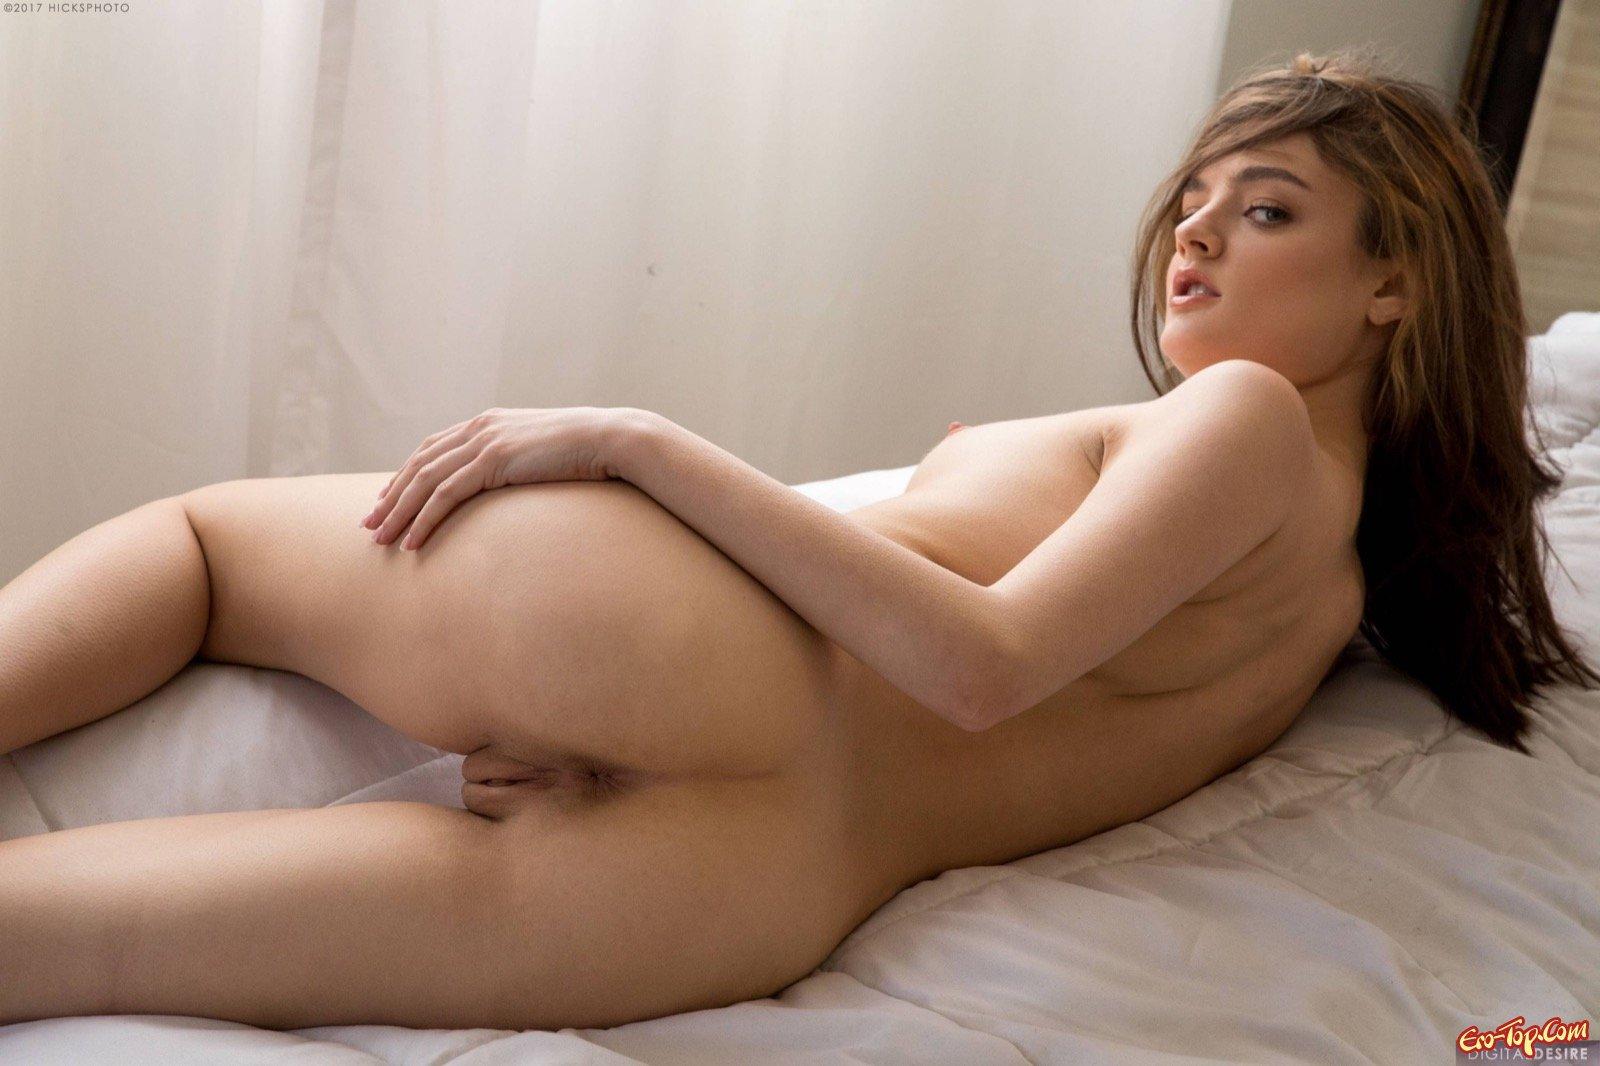 Девушка оголяет попку и грудь с торчащими сосками